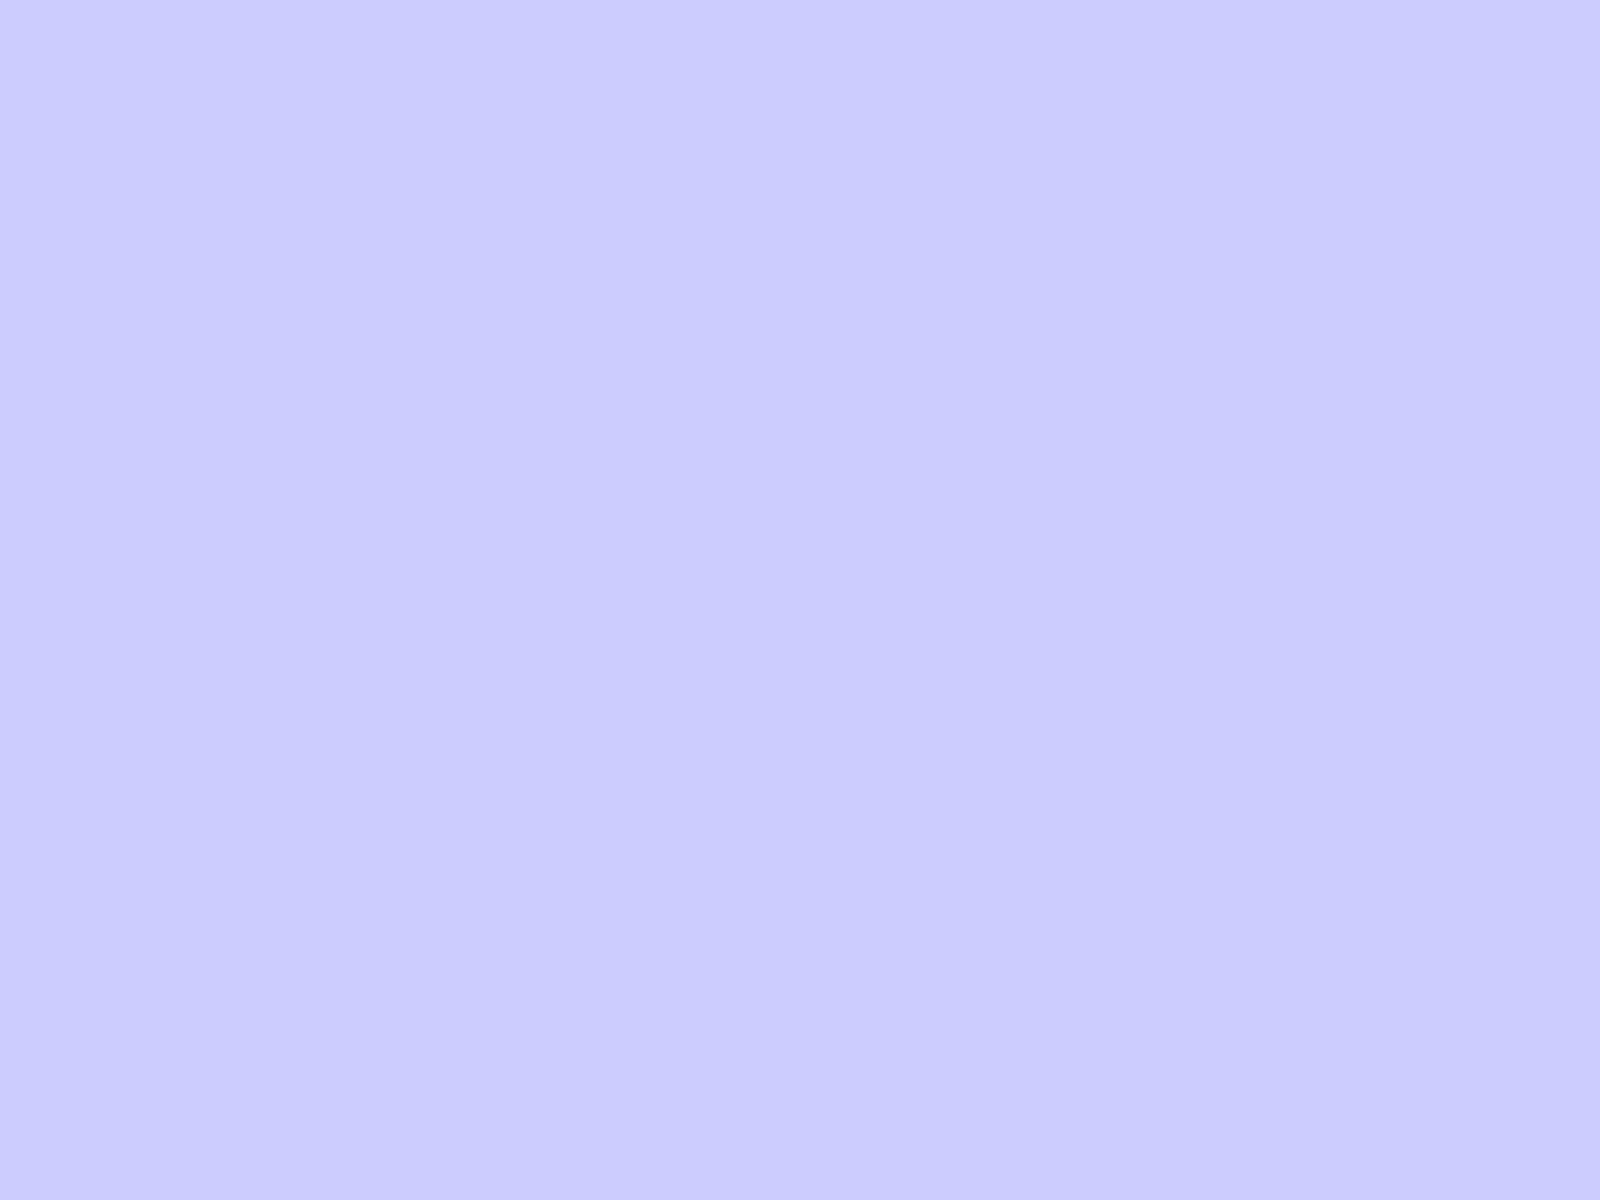 1600x1200 Lavender Blue Solid Color Background